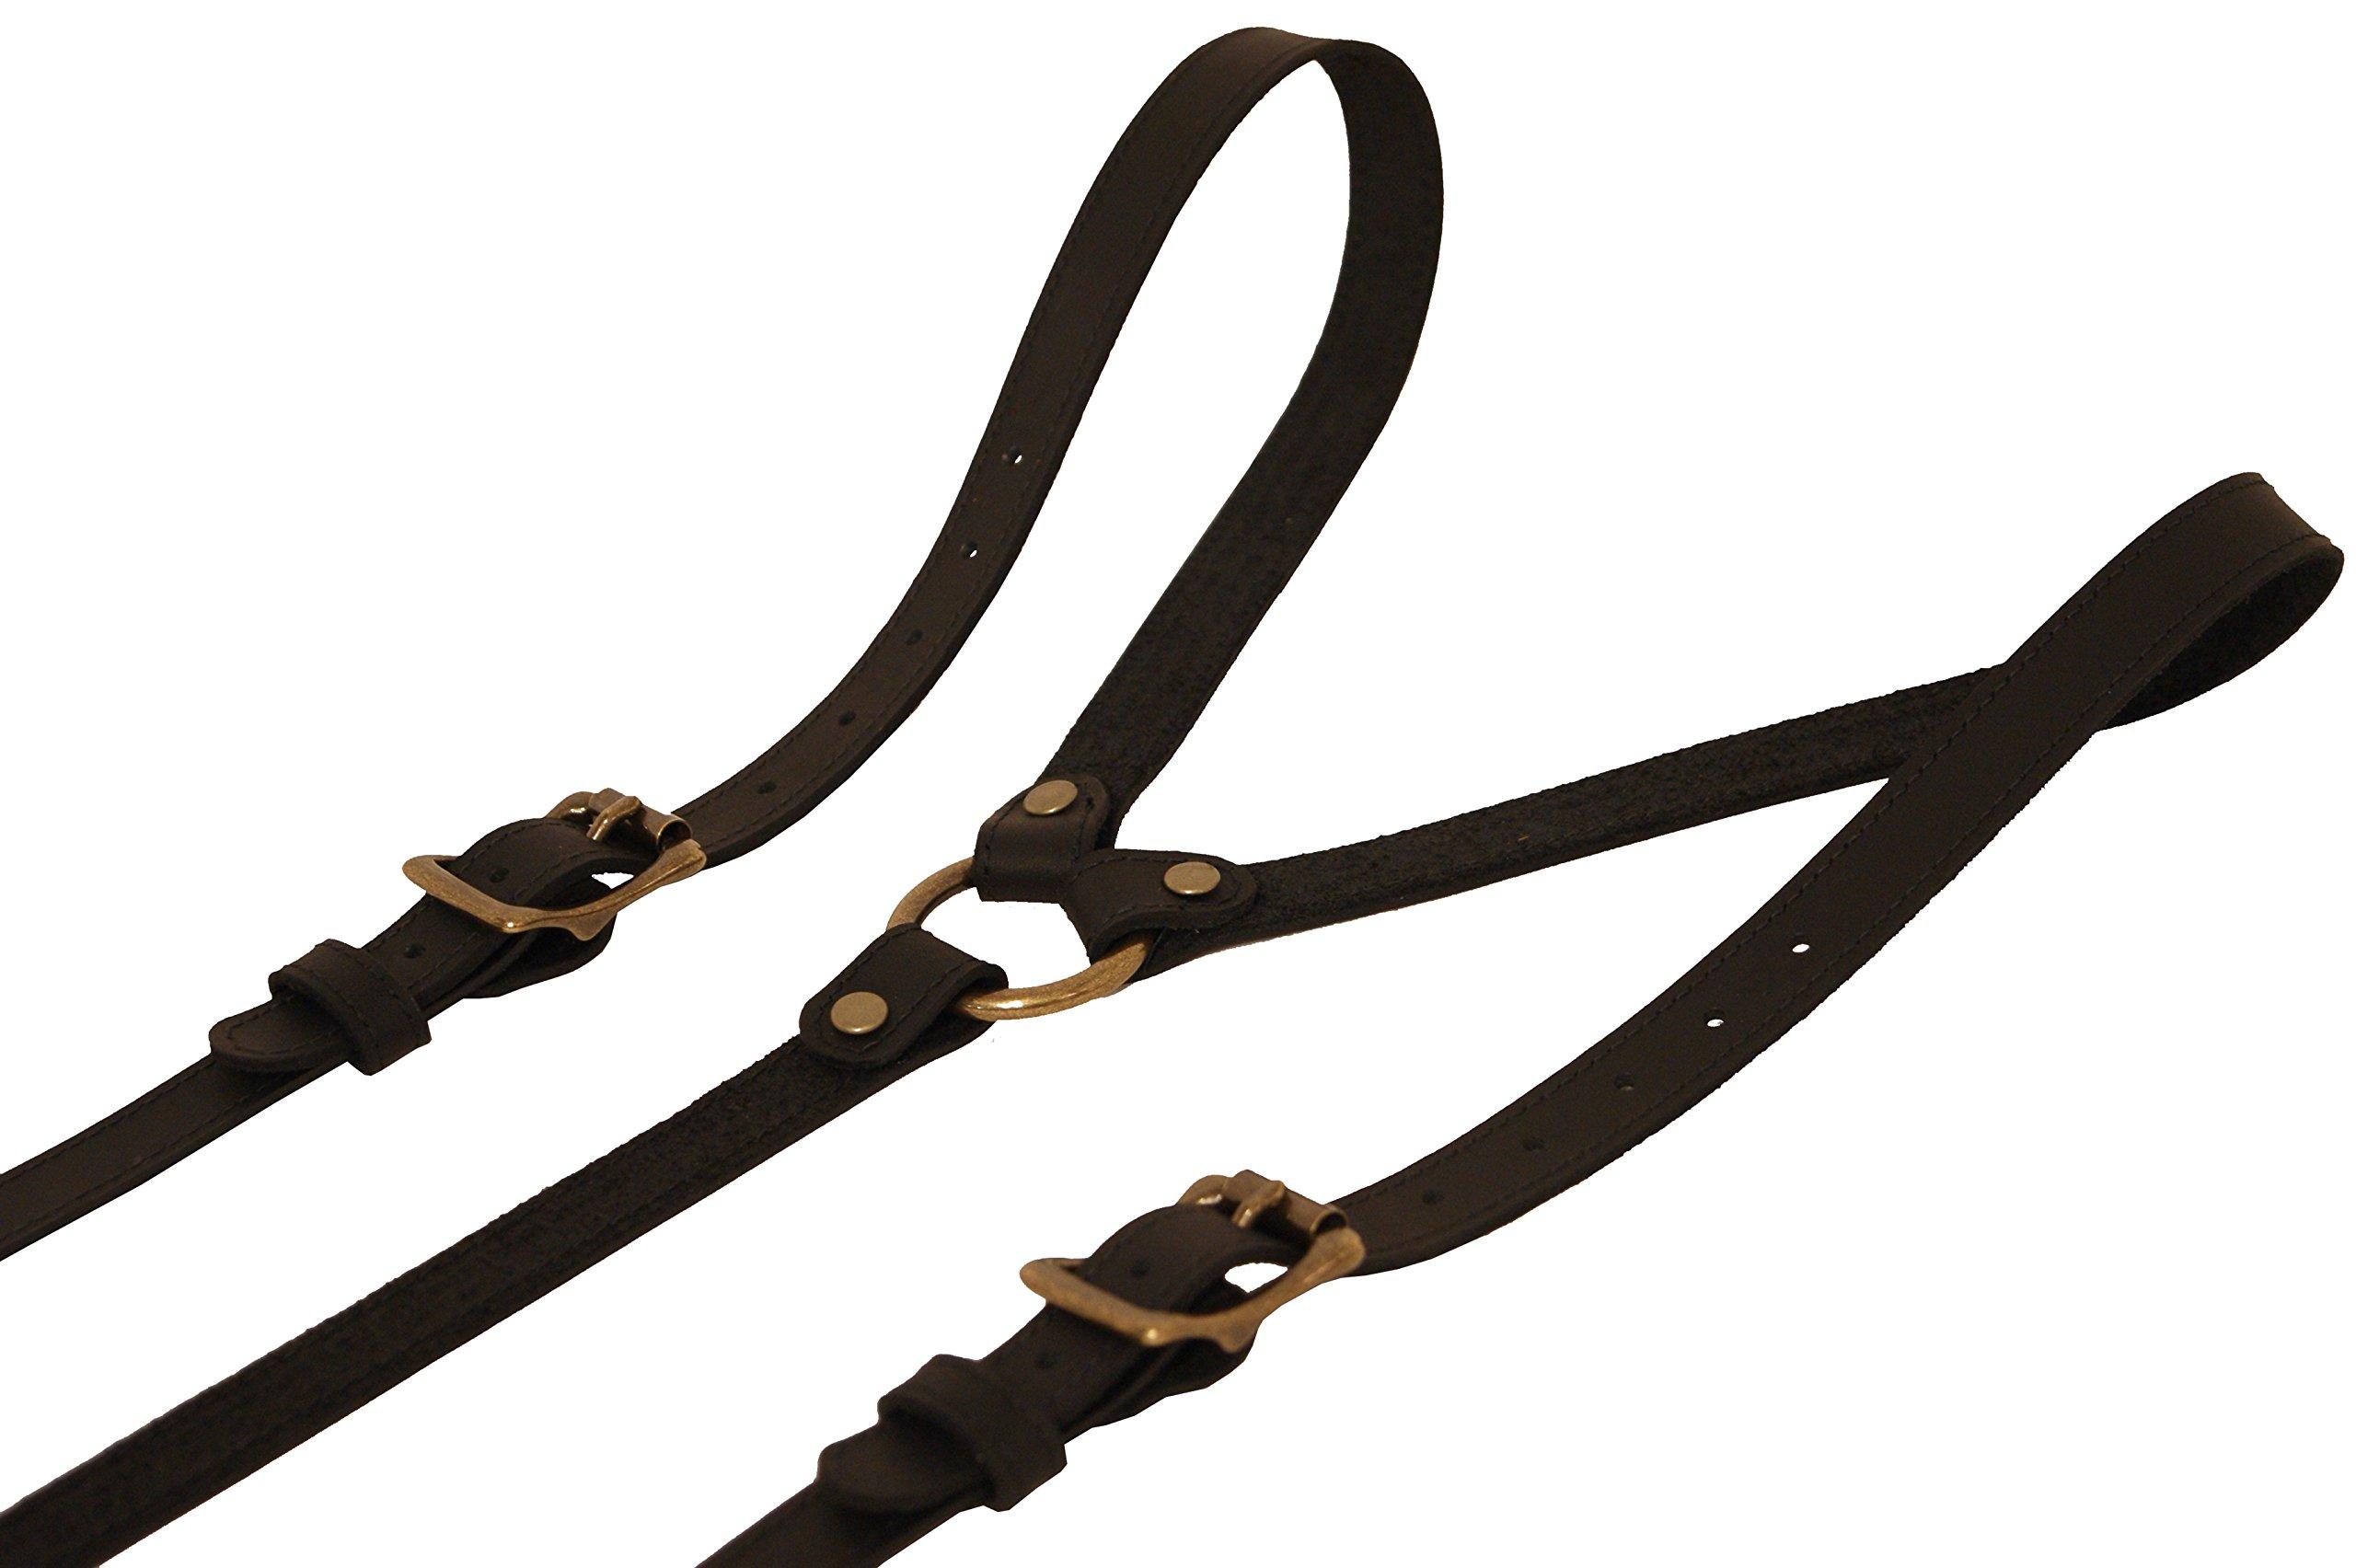 Project Transaction Men's Leather Suspenders XL Black/Antique Buttonholes by Project Transaction (Image #2)